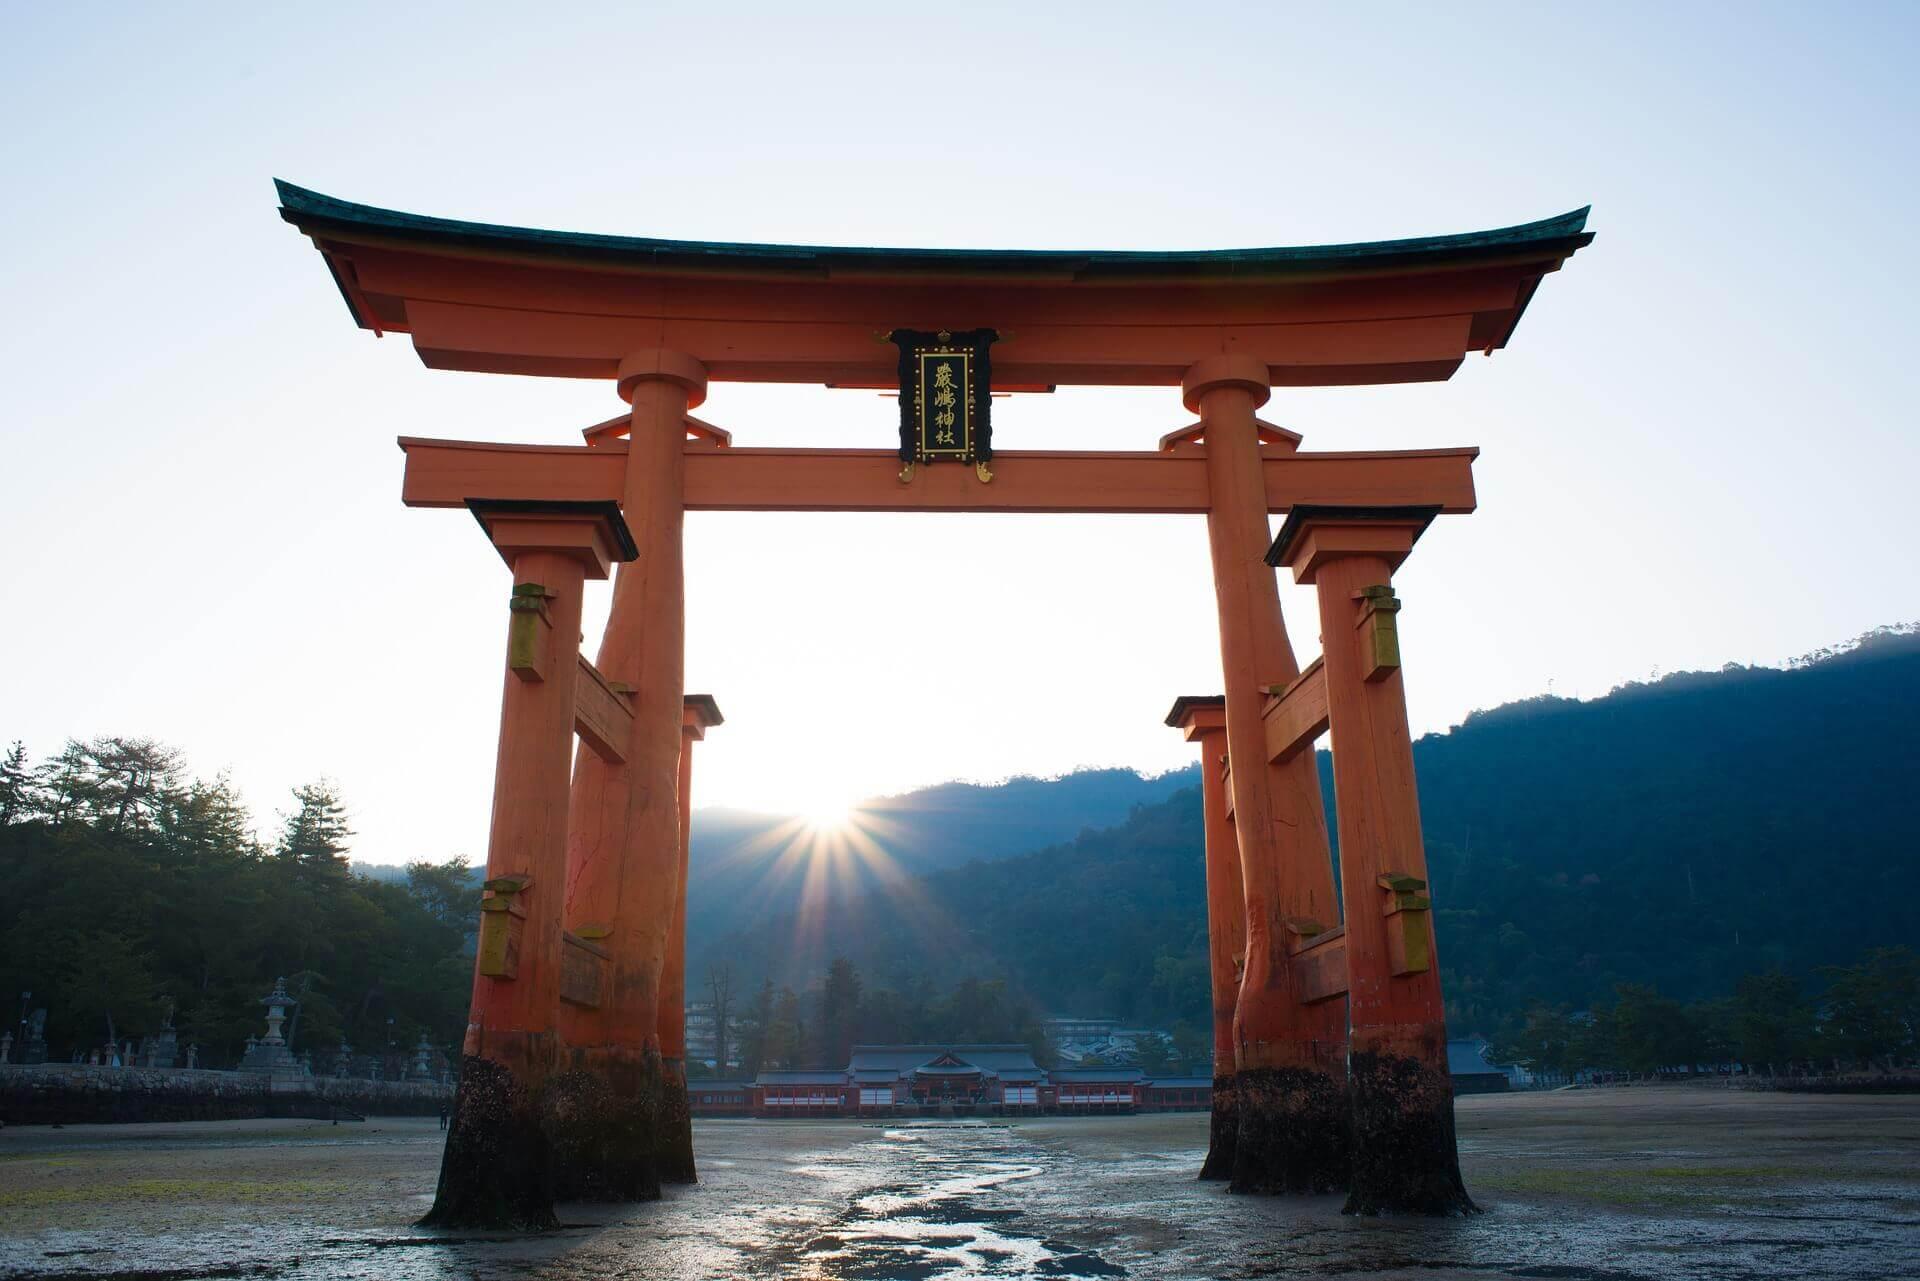 Der Eingang zum Shinto-Tempel wird durch ein Torii symbolisiert